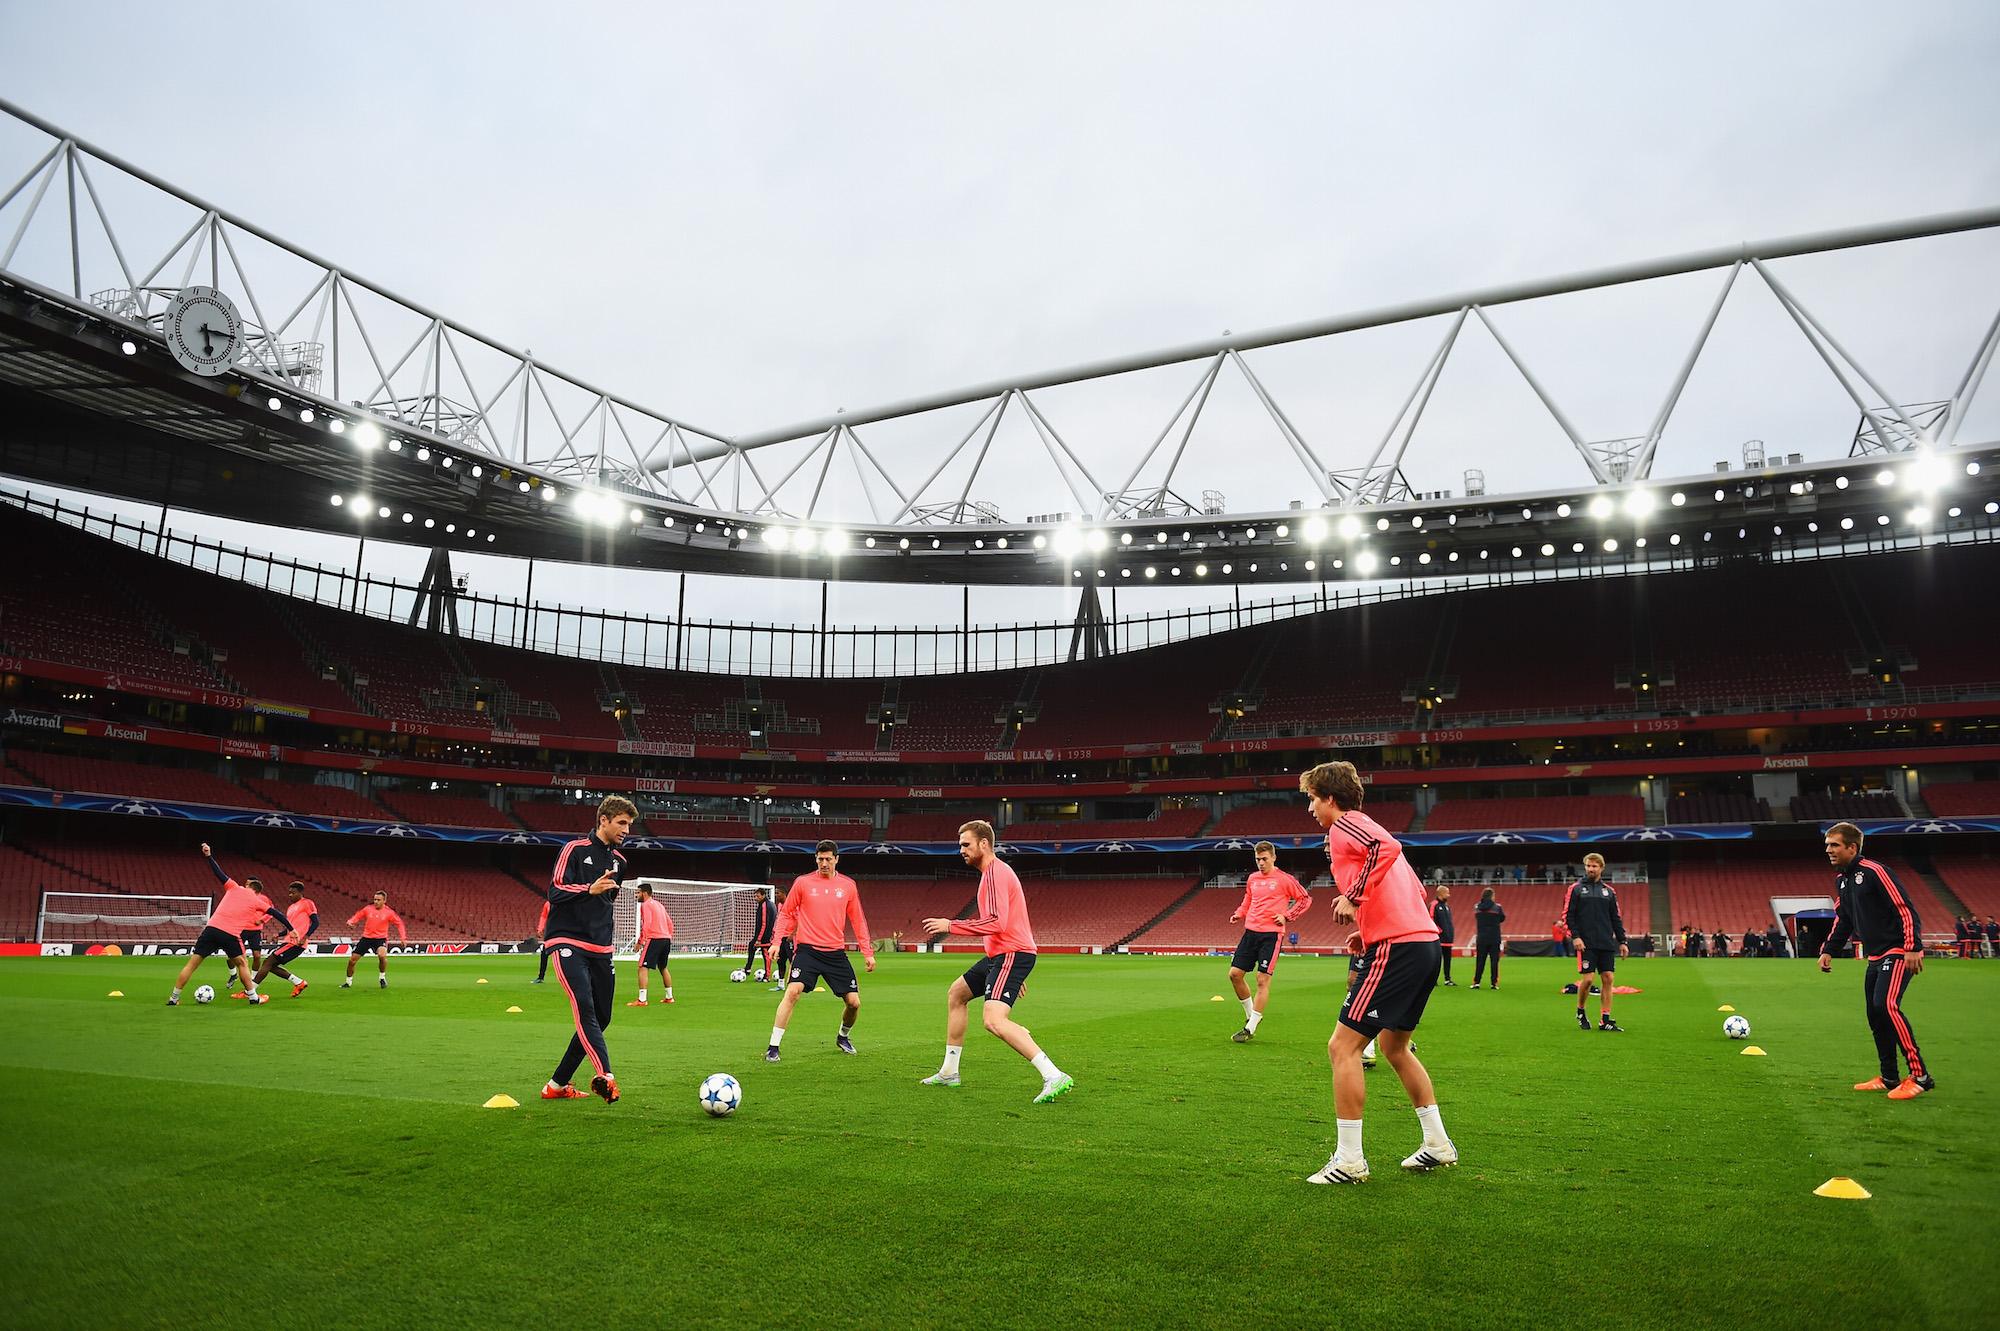 L'allenamento del Bayern Monaco all'Emirates